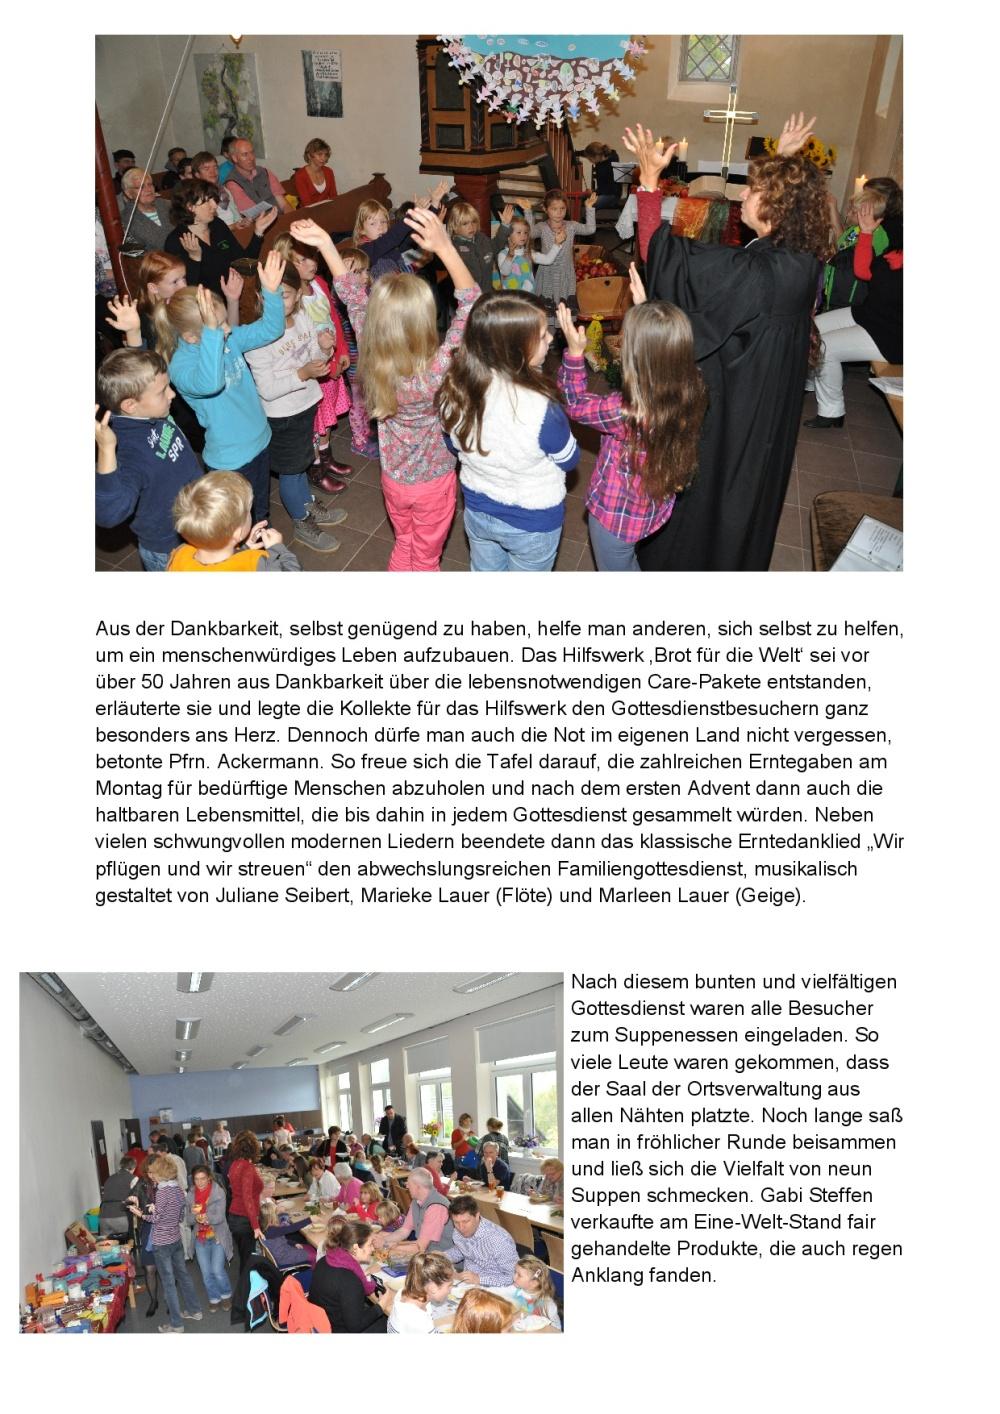 2015-10-04 Ertedankgd. mit Suppenessen-002